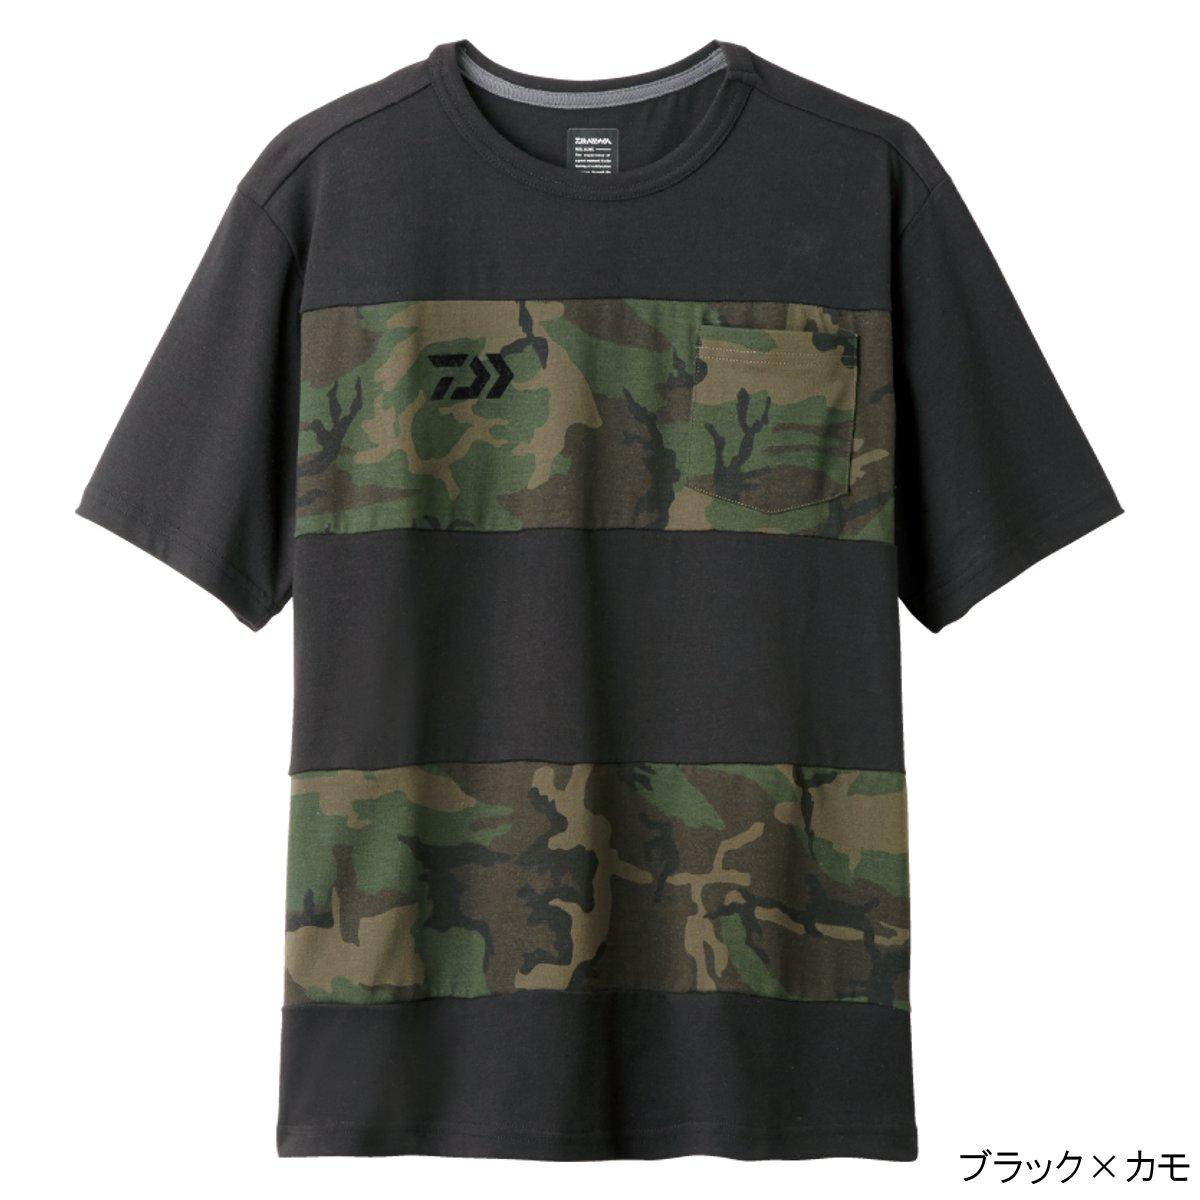 大和(Daiwa)边缘短袖衬衫DE-8507 XL黑色×野鸭